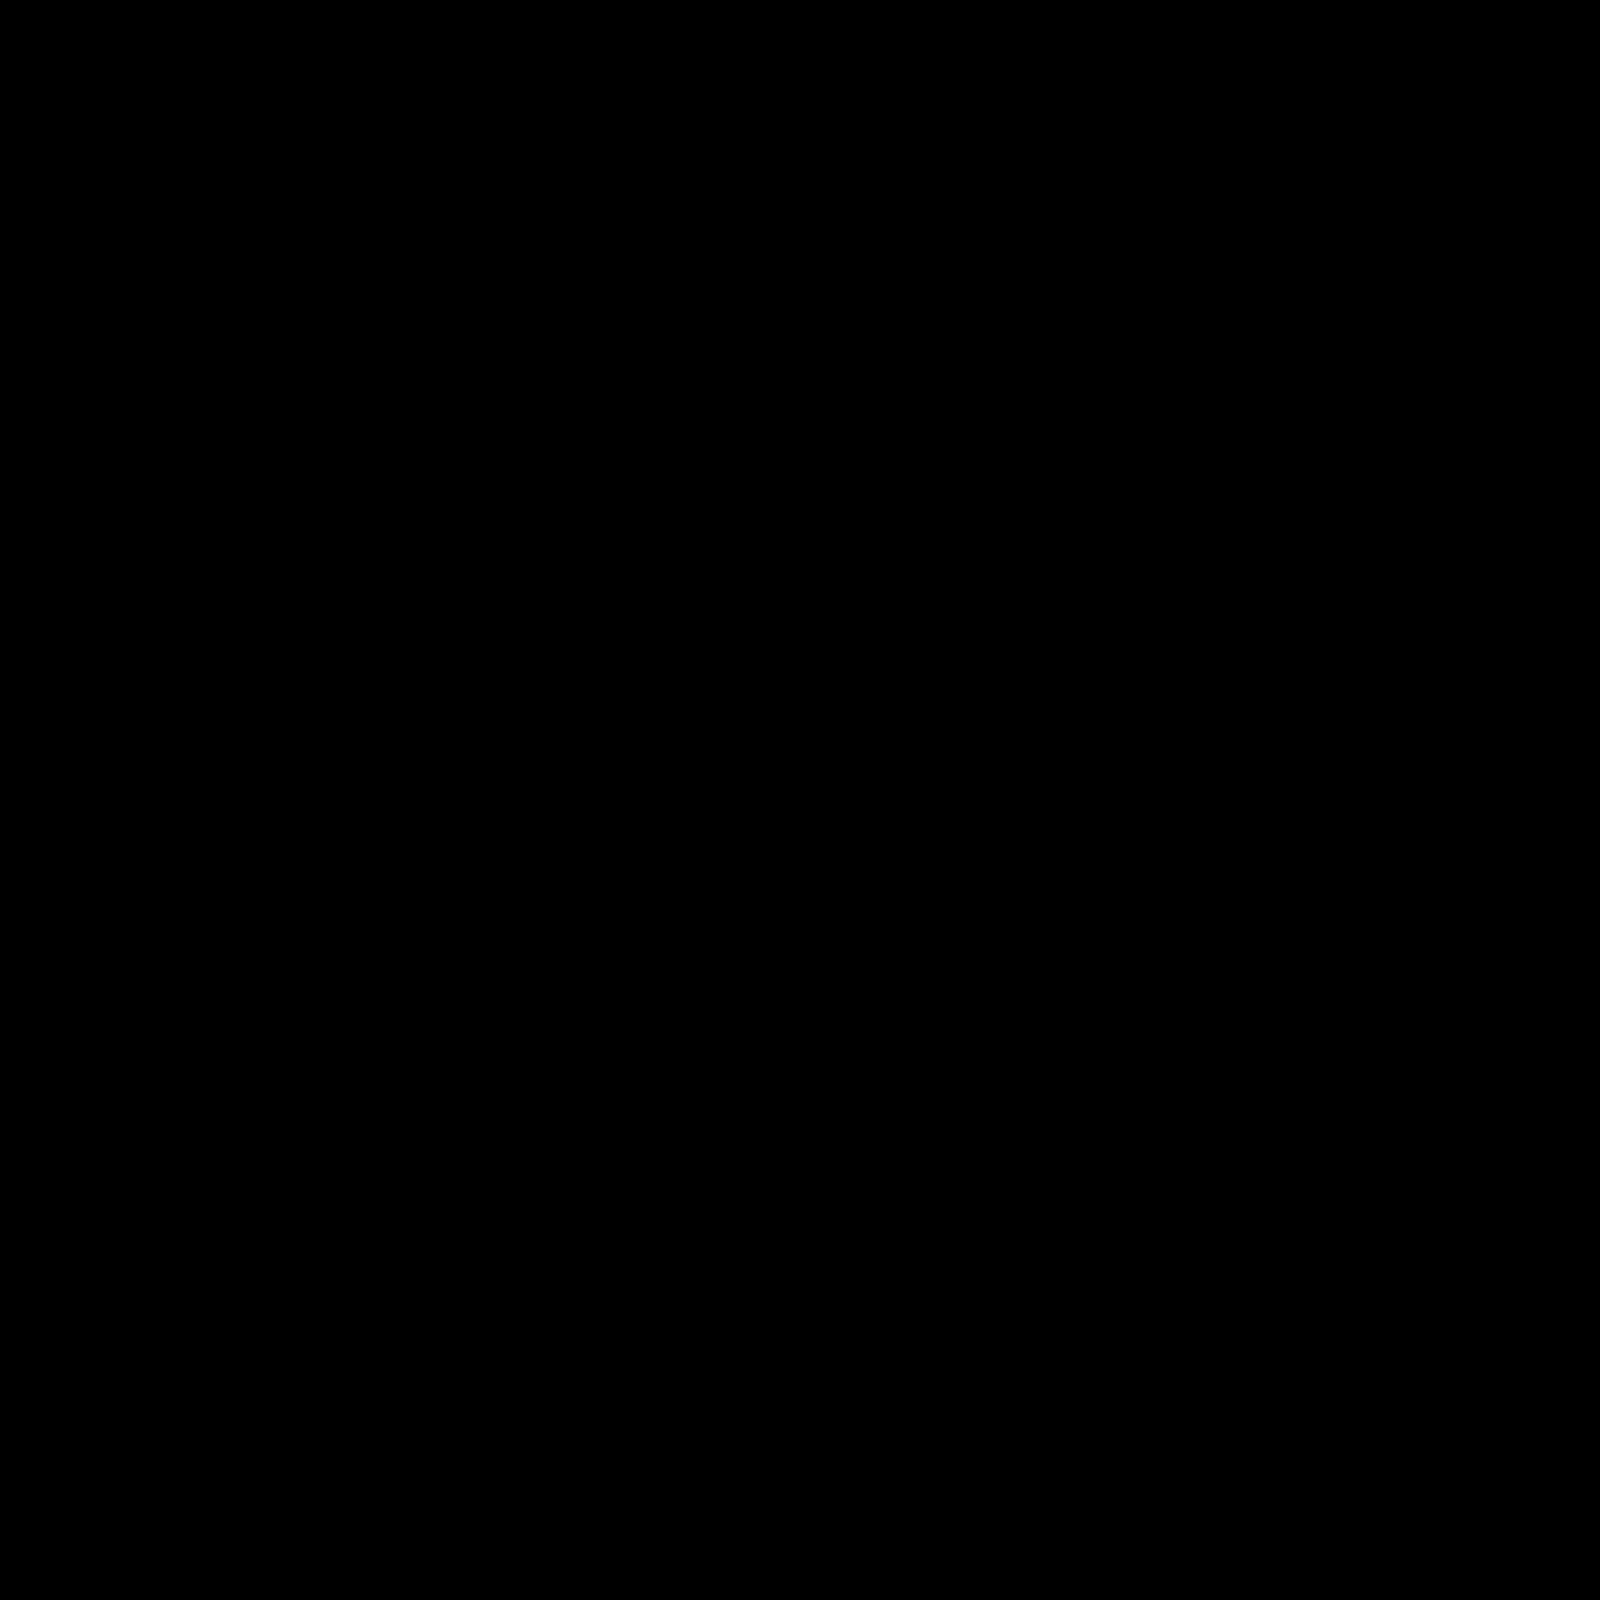 商標 icon. This is a drawing of the letter T on the left side and the letter M on the right side. Both letters are capitalized and they are hollow in the middle with dark lines on the outside.